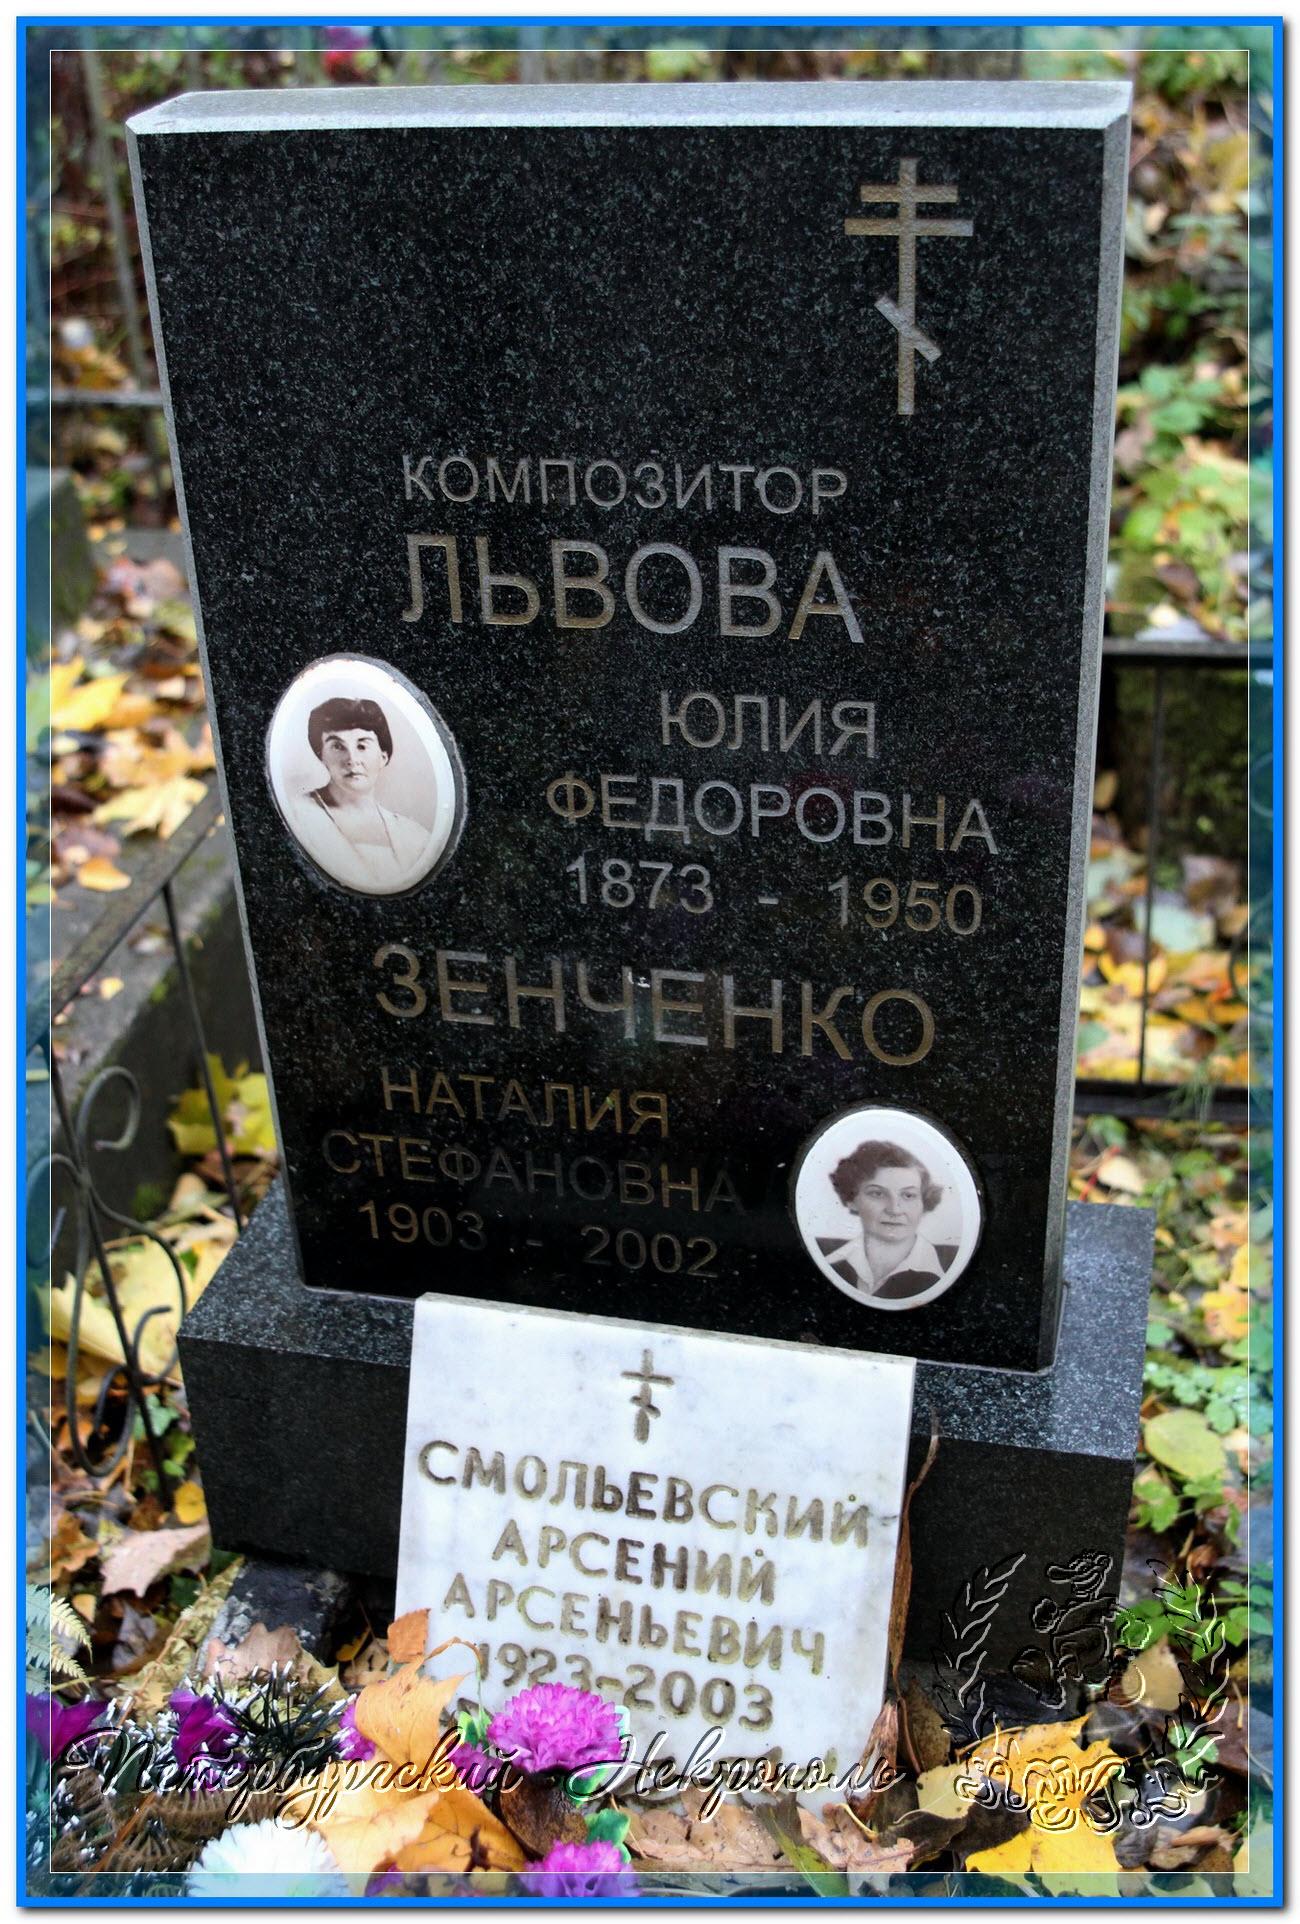 © Смольевский Арсений Арсеньевич